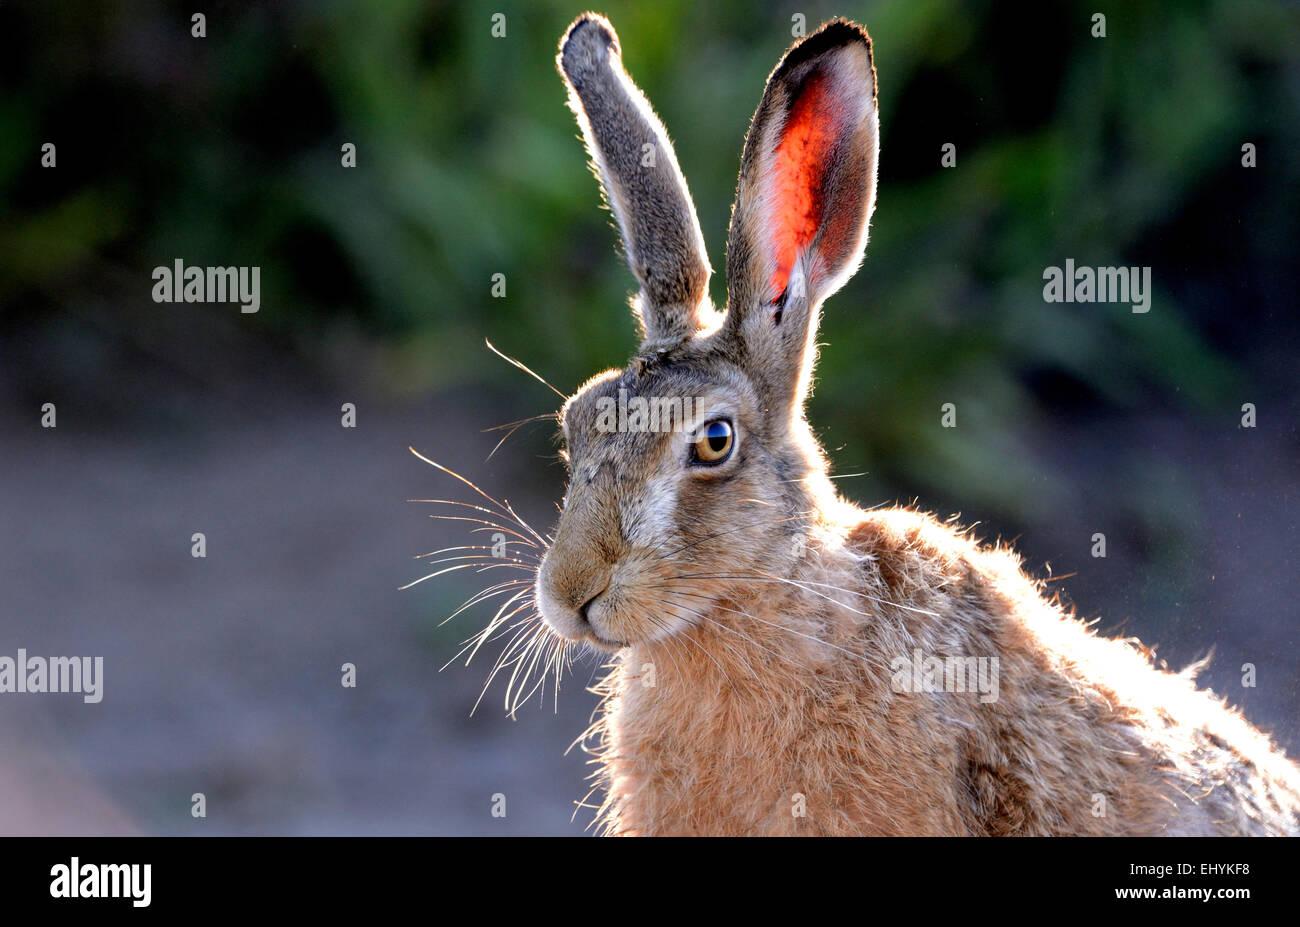 Liebre, conejo, Lepus europaeus Pallas, Brown, Hare Hare Eoropean, animal, animales salvajes, juego, juego de bajos, Imagen De Stock